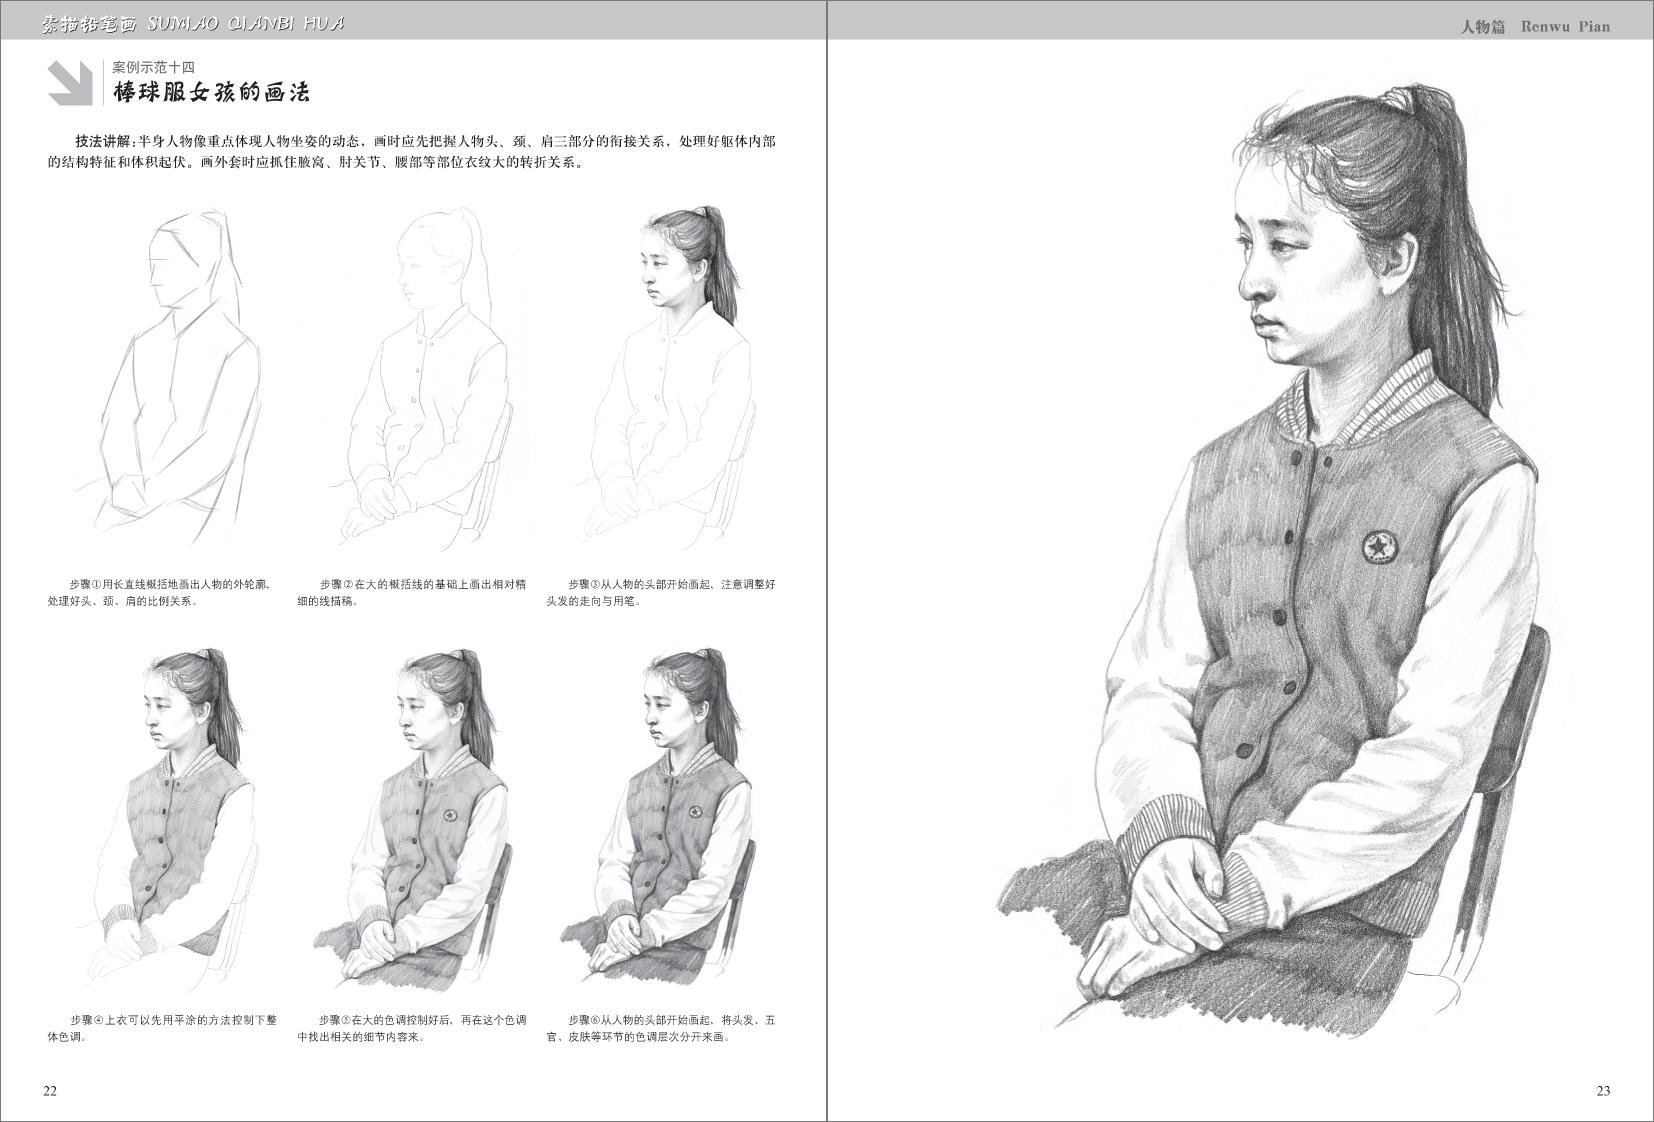 素描铅笔画·人物篇/王庆华